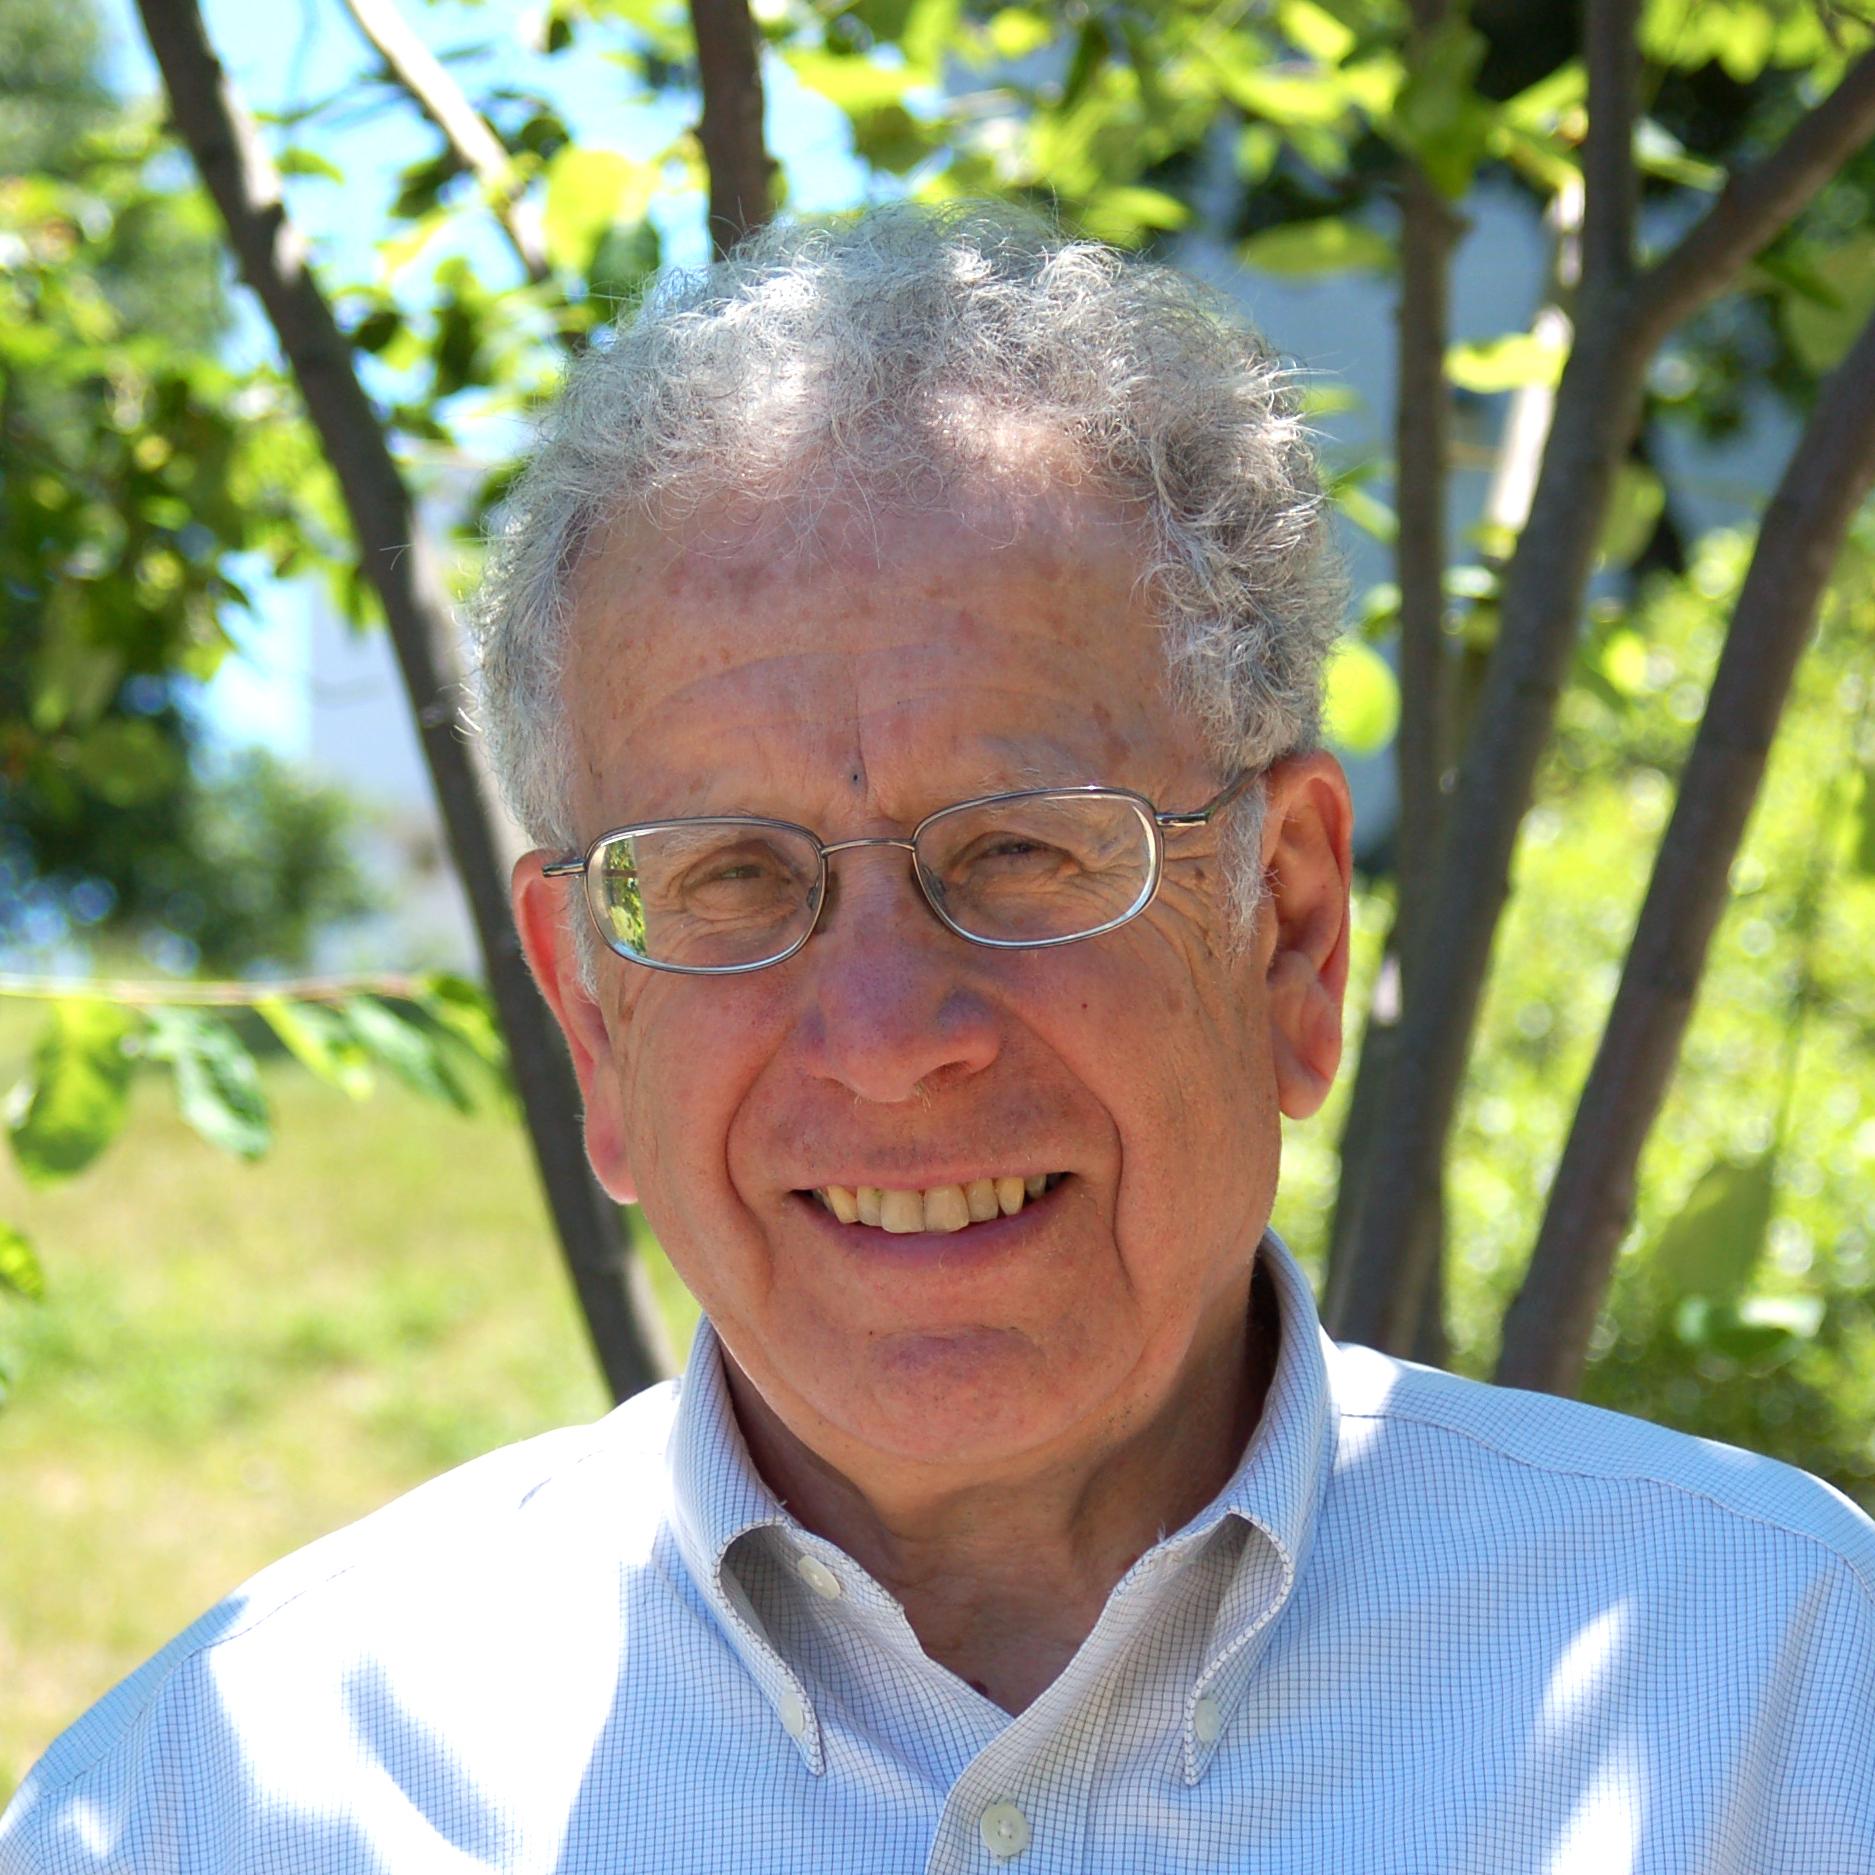 Ivan G. Most